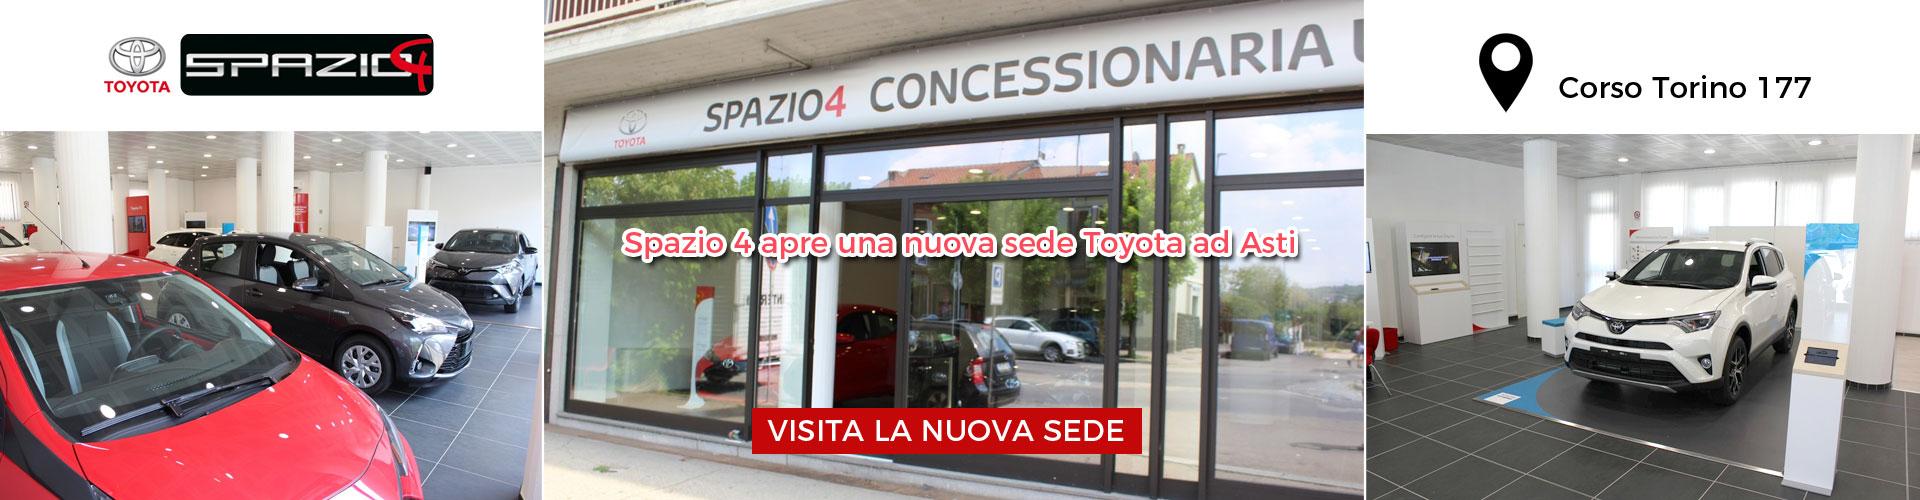 Apertura nuova sede Spazio ad Asti